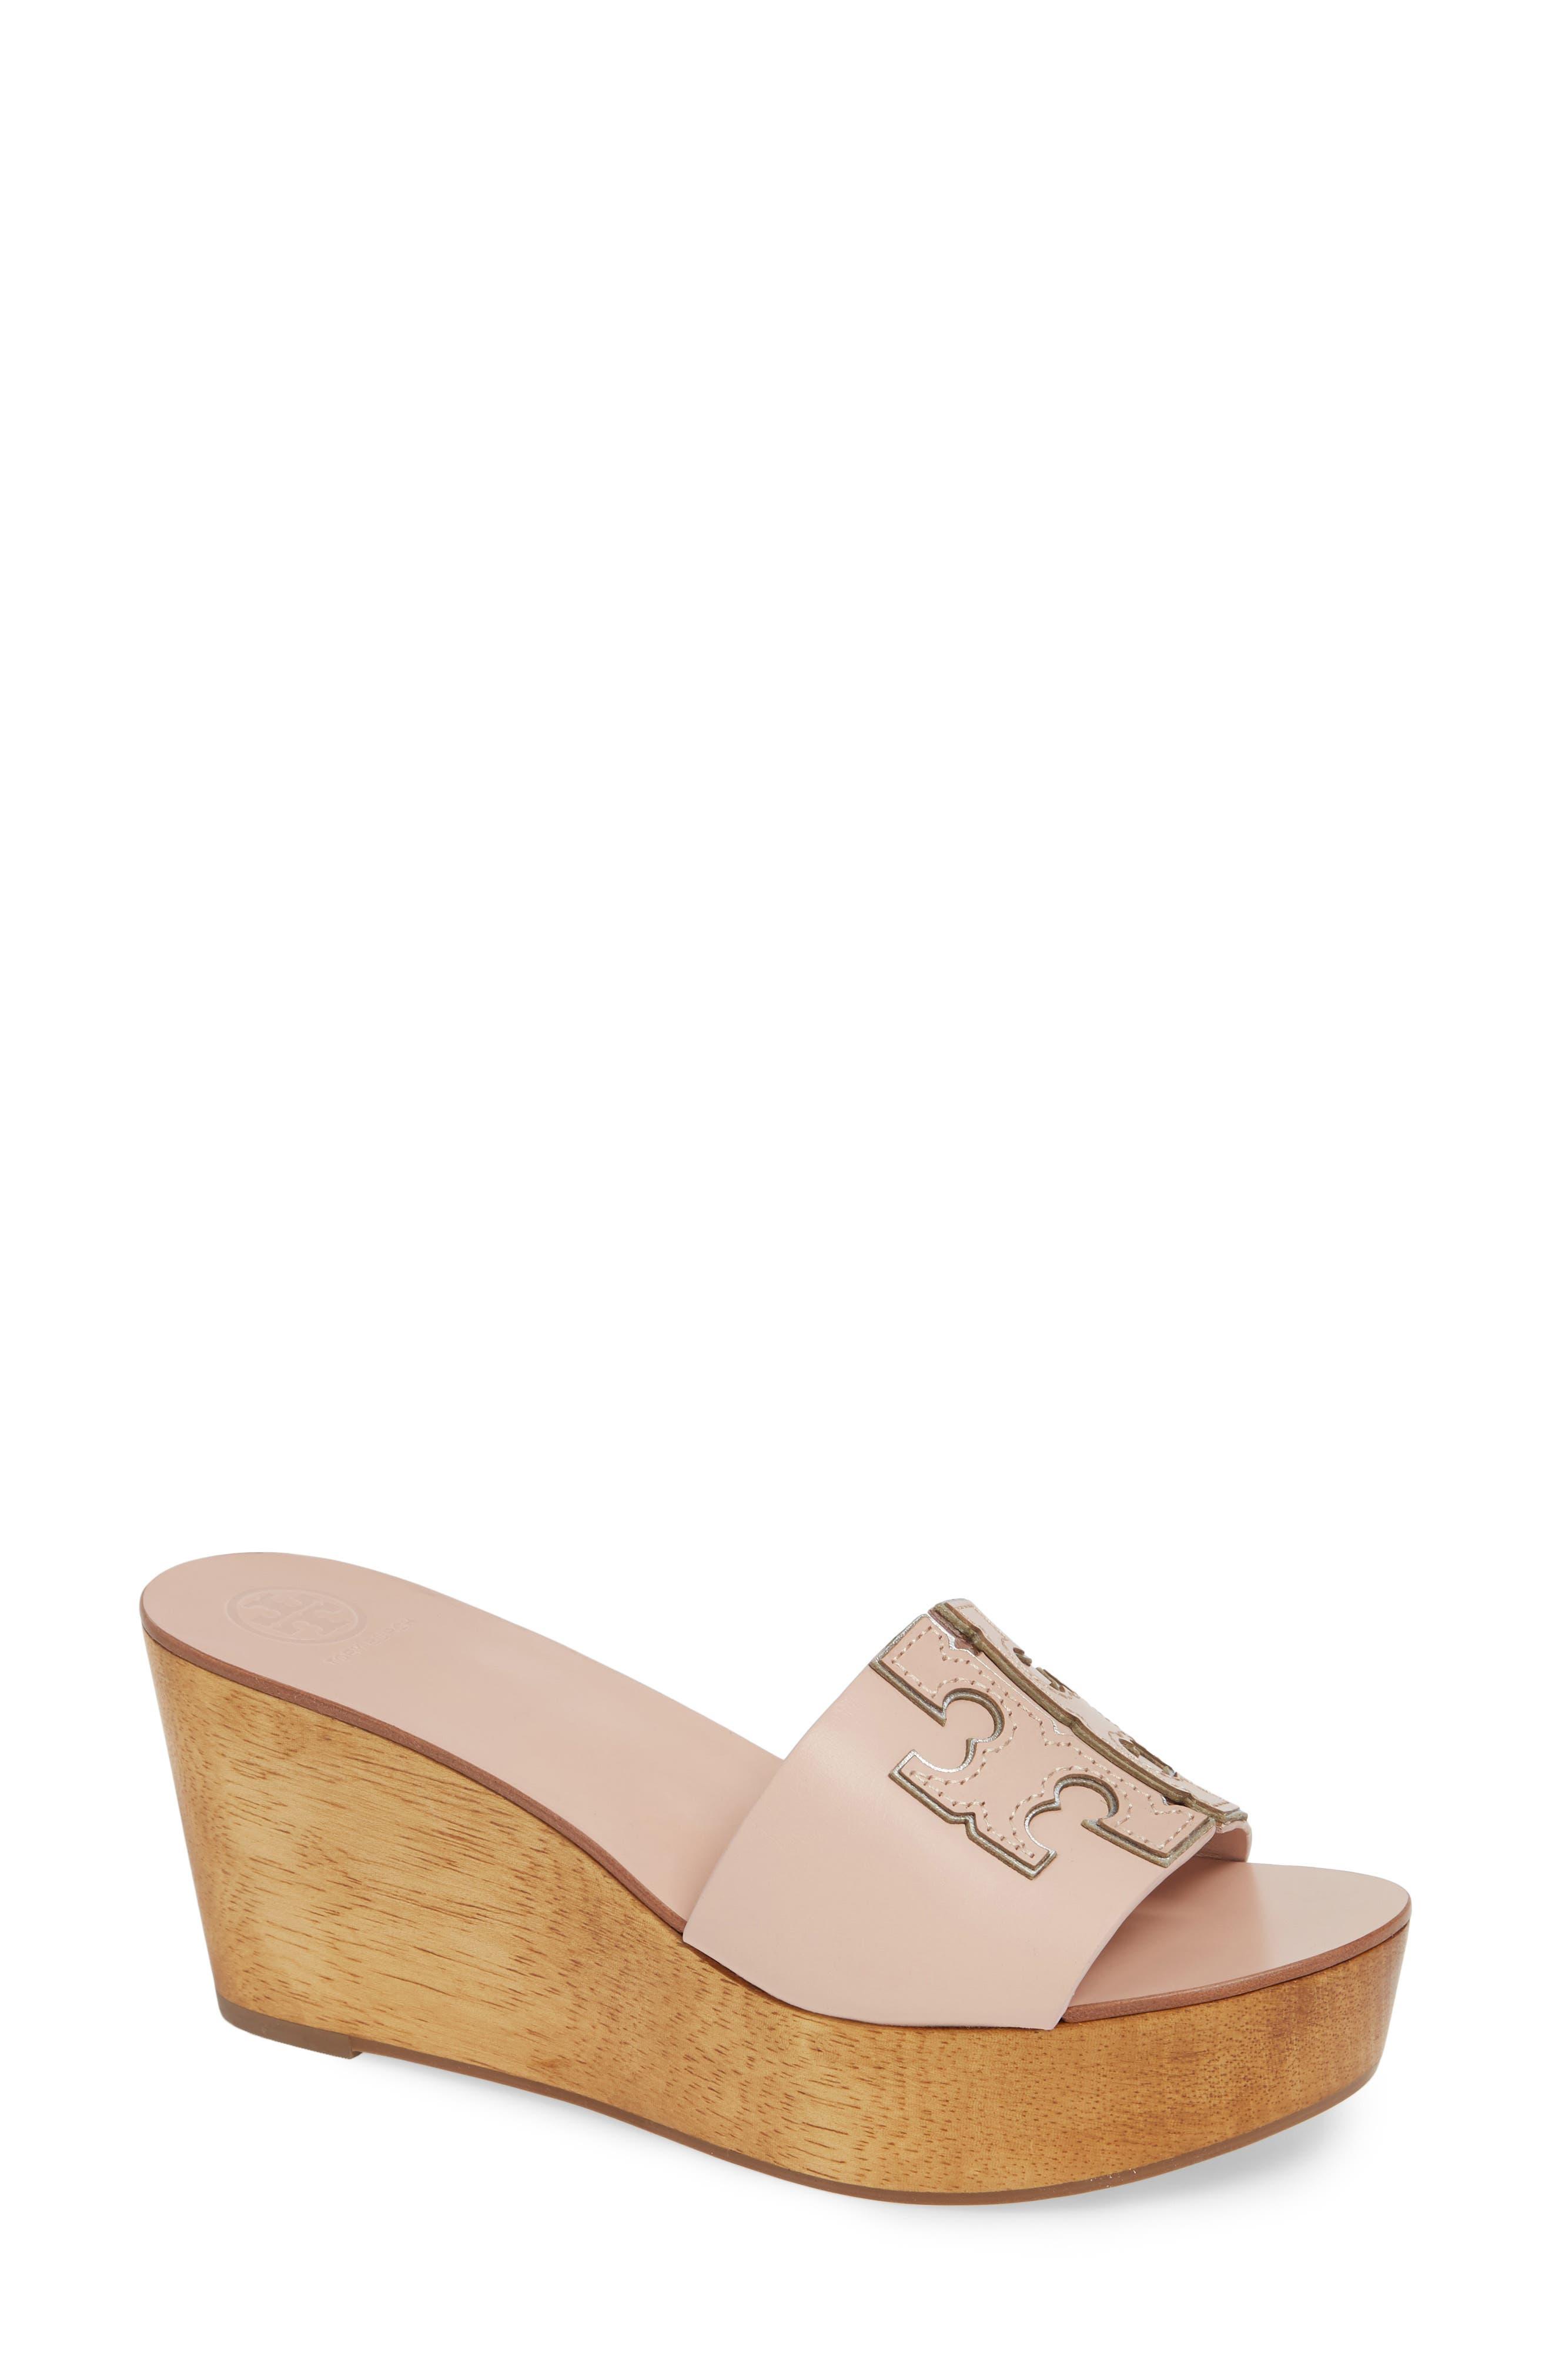 Tory Burch Ines Wedge Slide Sandal- Pink